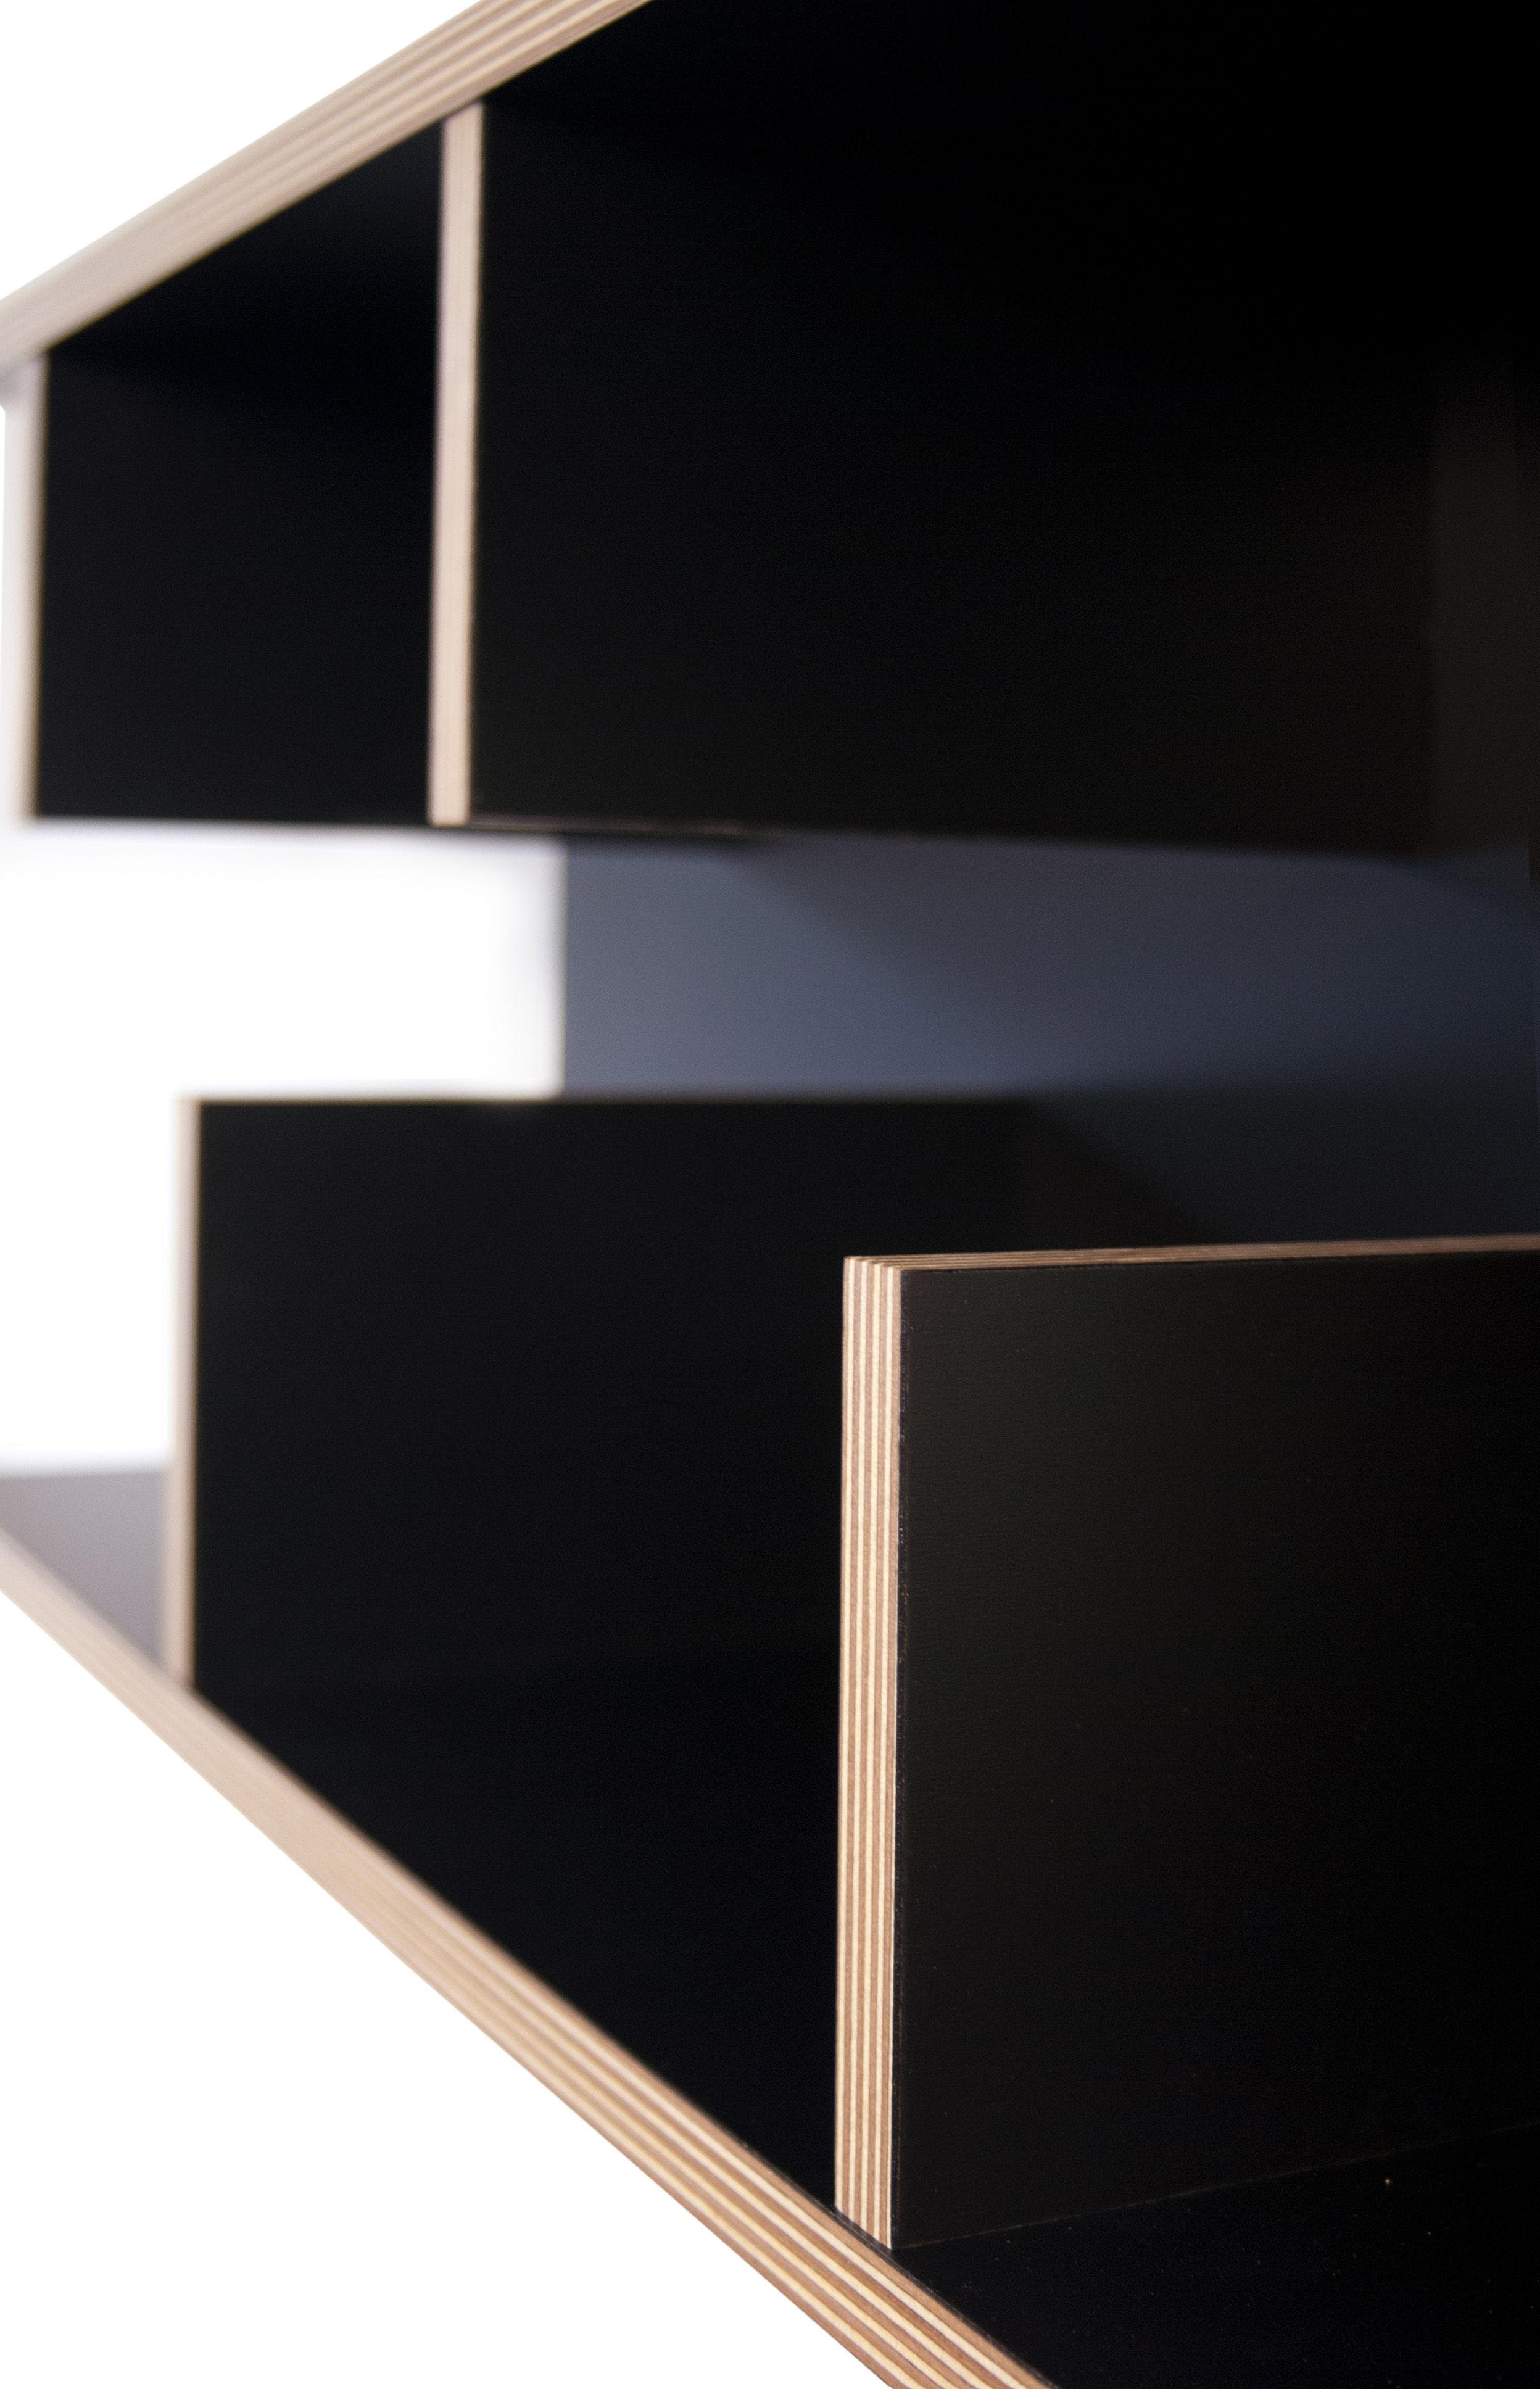 etag re rack l 90 x h 45 cm noir tranches bois pop. Black Bedroom Furniture Sets. Home Design Ideas